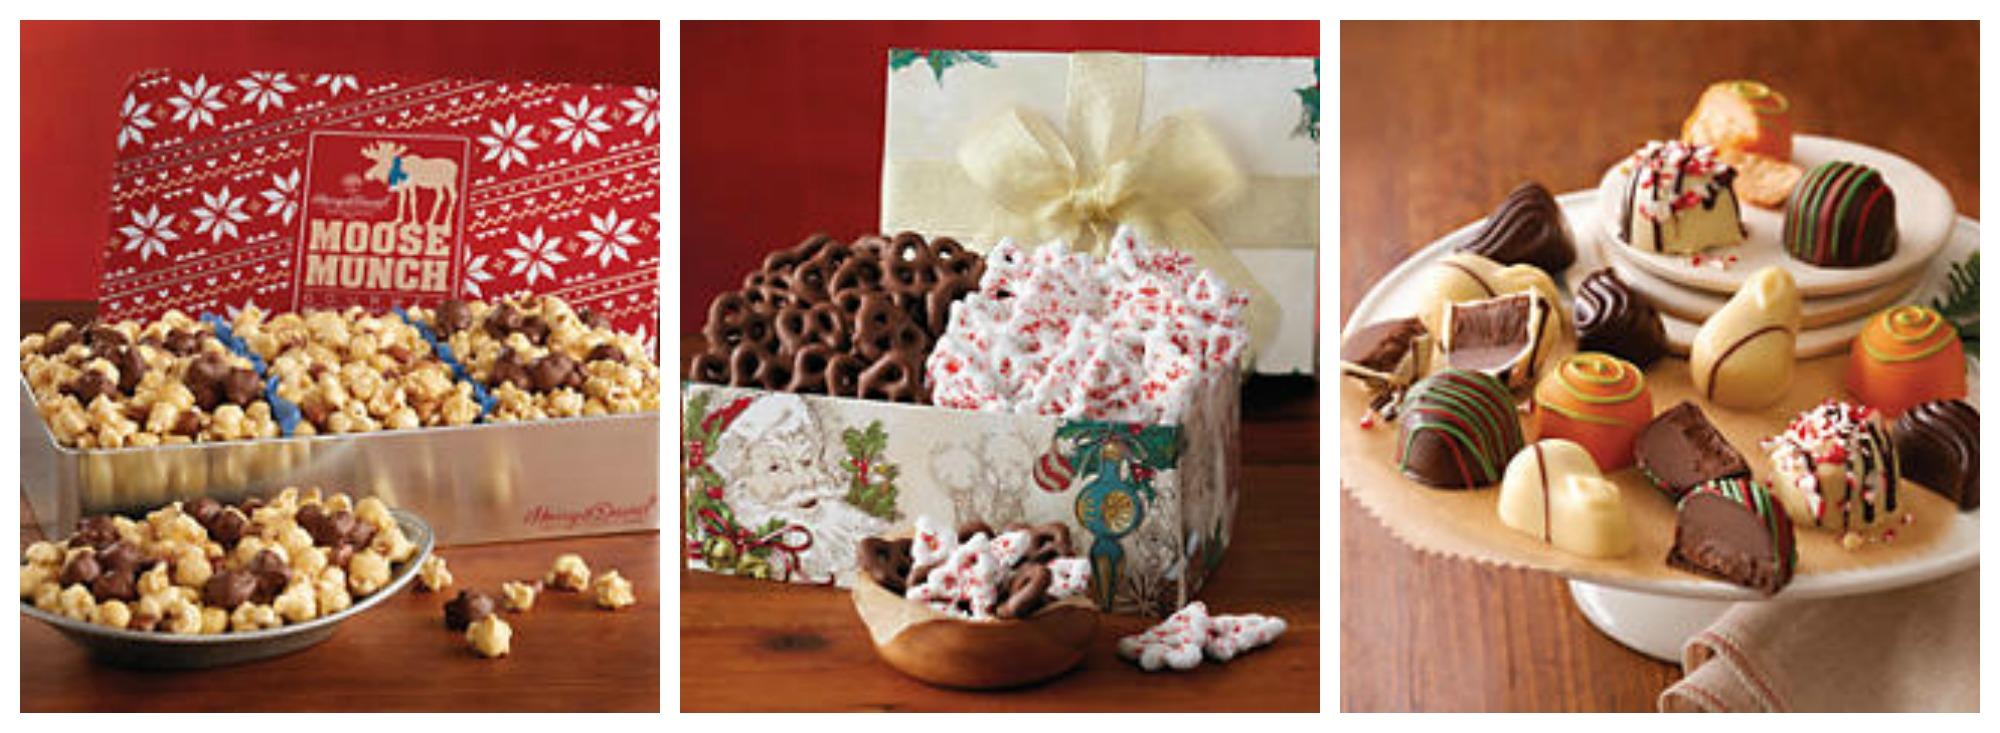 Brag Worthy Christmas} Harry & David Gifts + $300 Amazon GC Giveaway